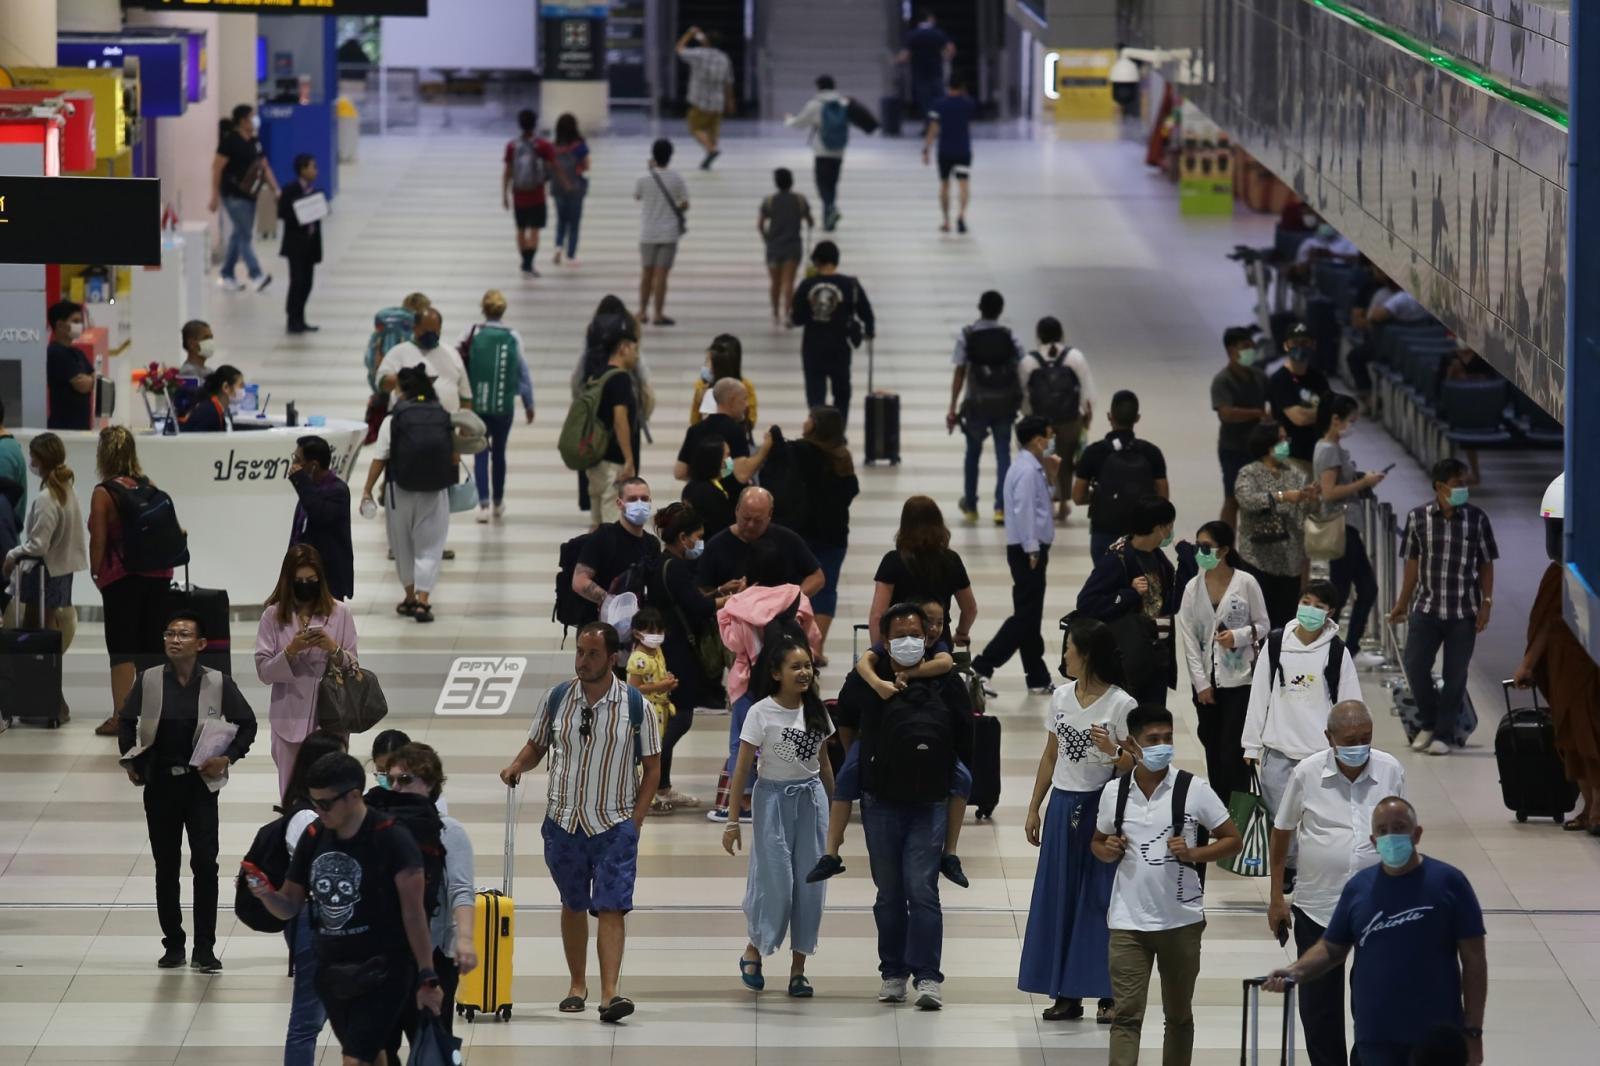 ผู้เดินทางจากประเทศเสี่ยง ต้องมีใบรับรองแพทย์ - สายการบินจ่ายค่ากักตัว